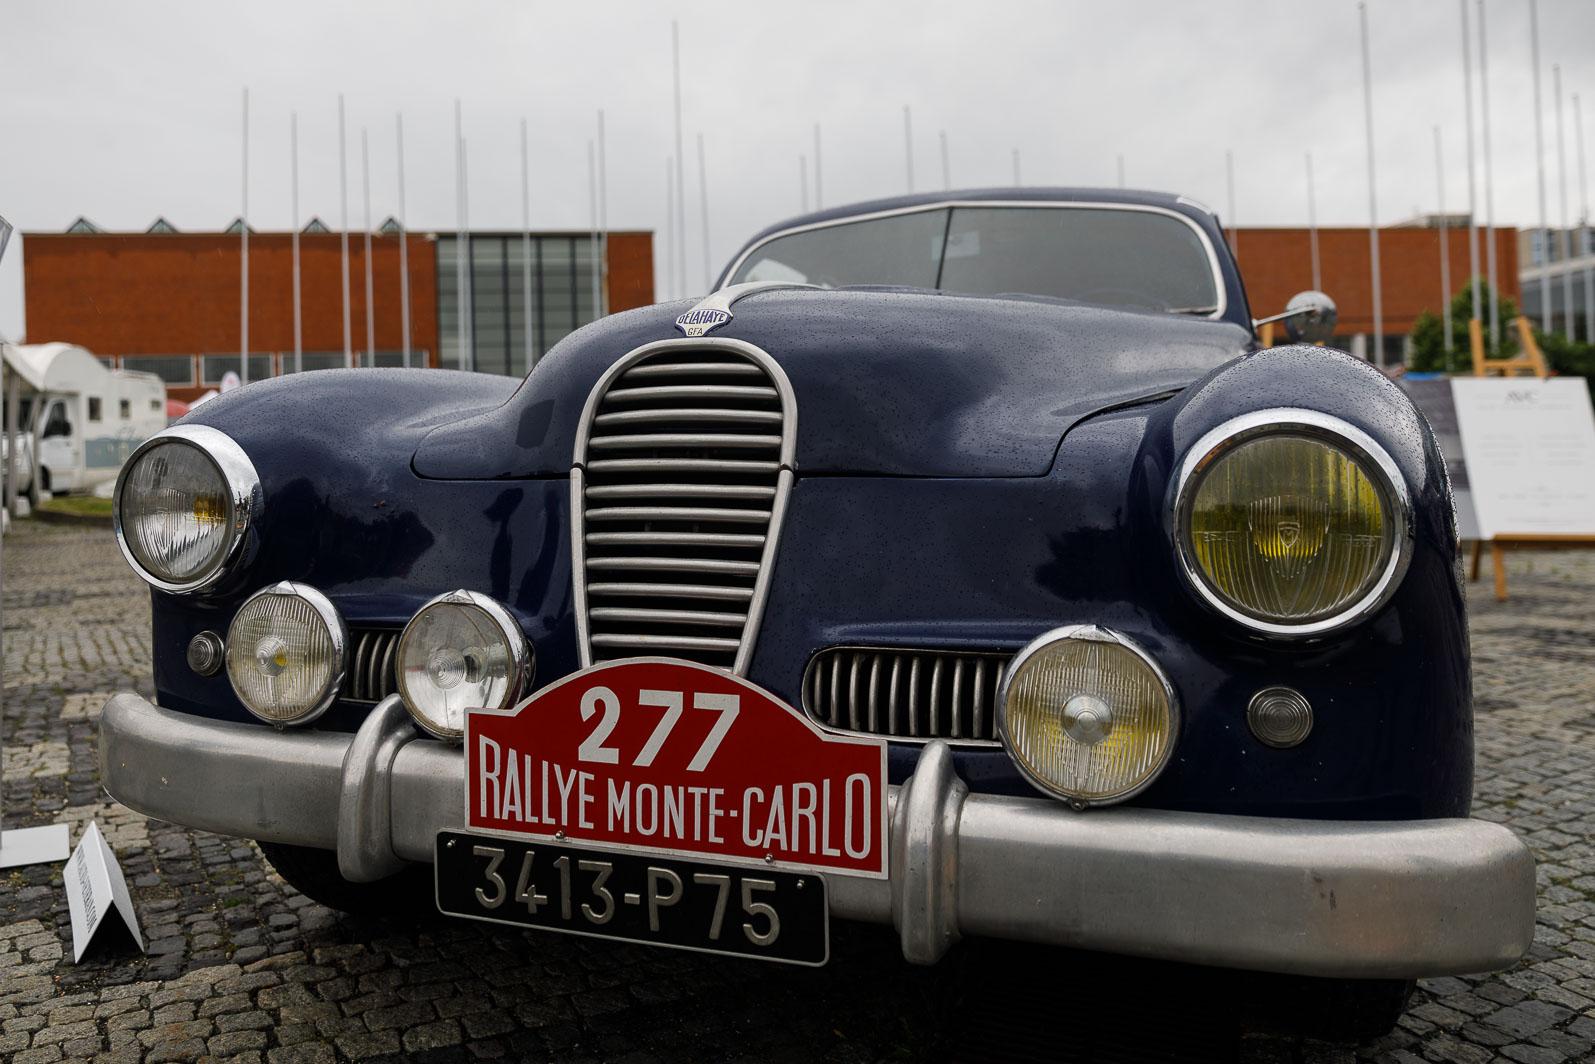 Na Revival Brno 2020 sa predviedol Talbot, ktorý zbiera svetové ocenenia myP4XbgBWd 2-delahaye-175-6